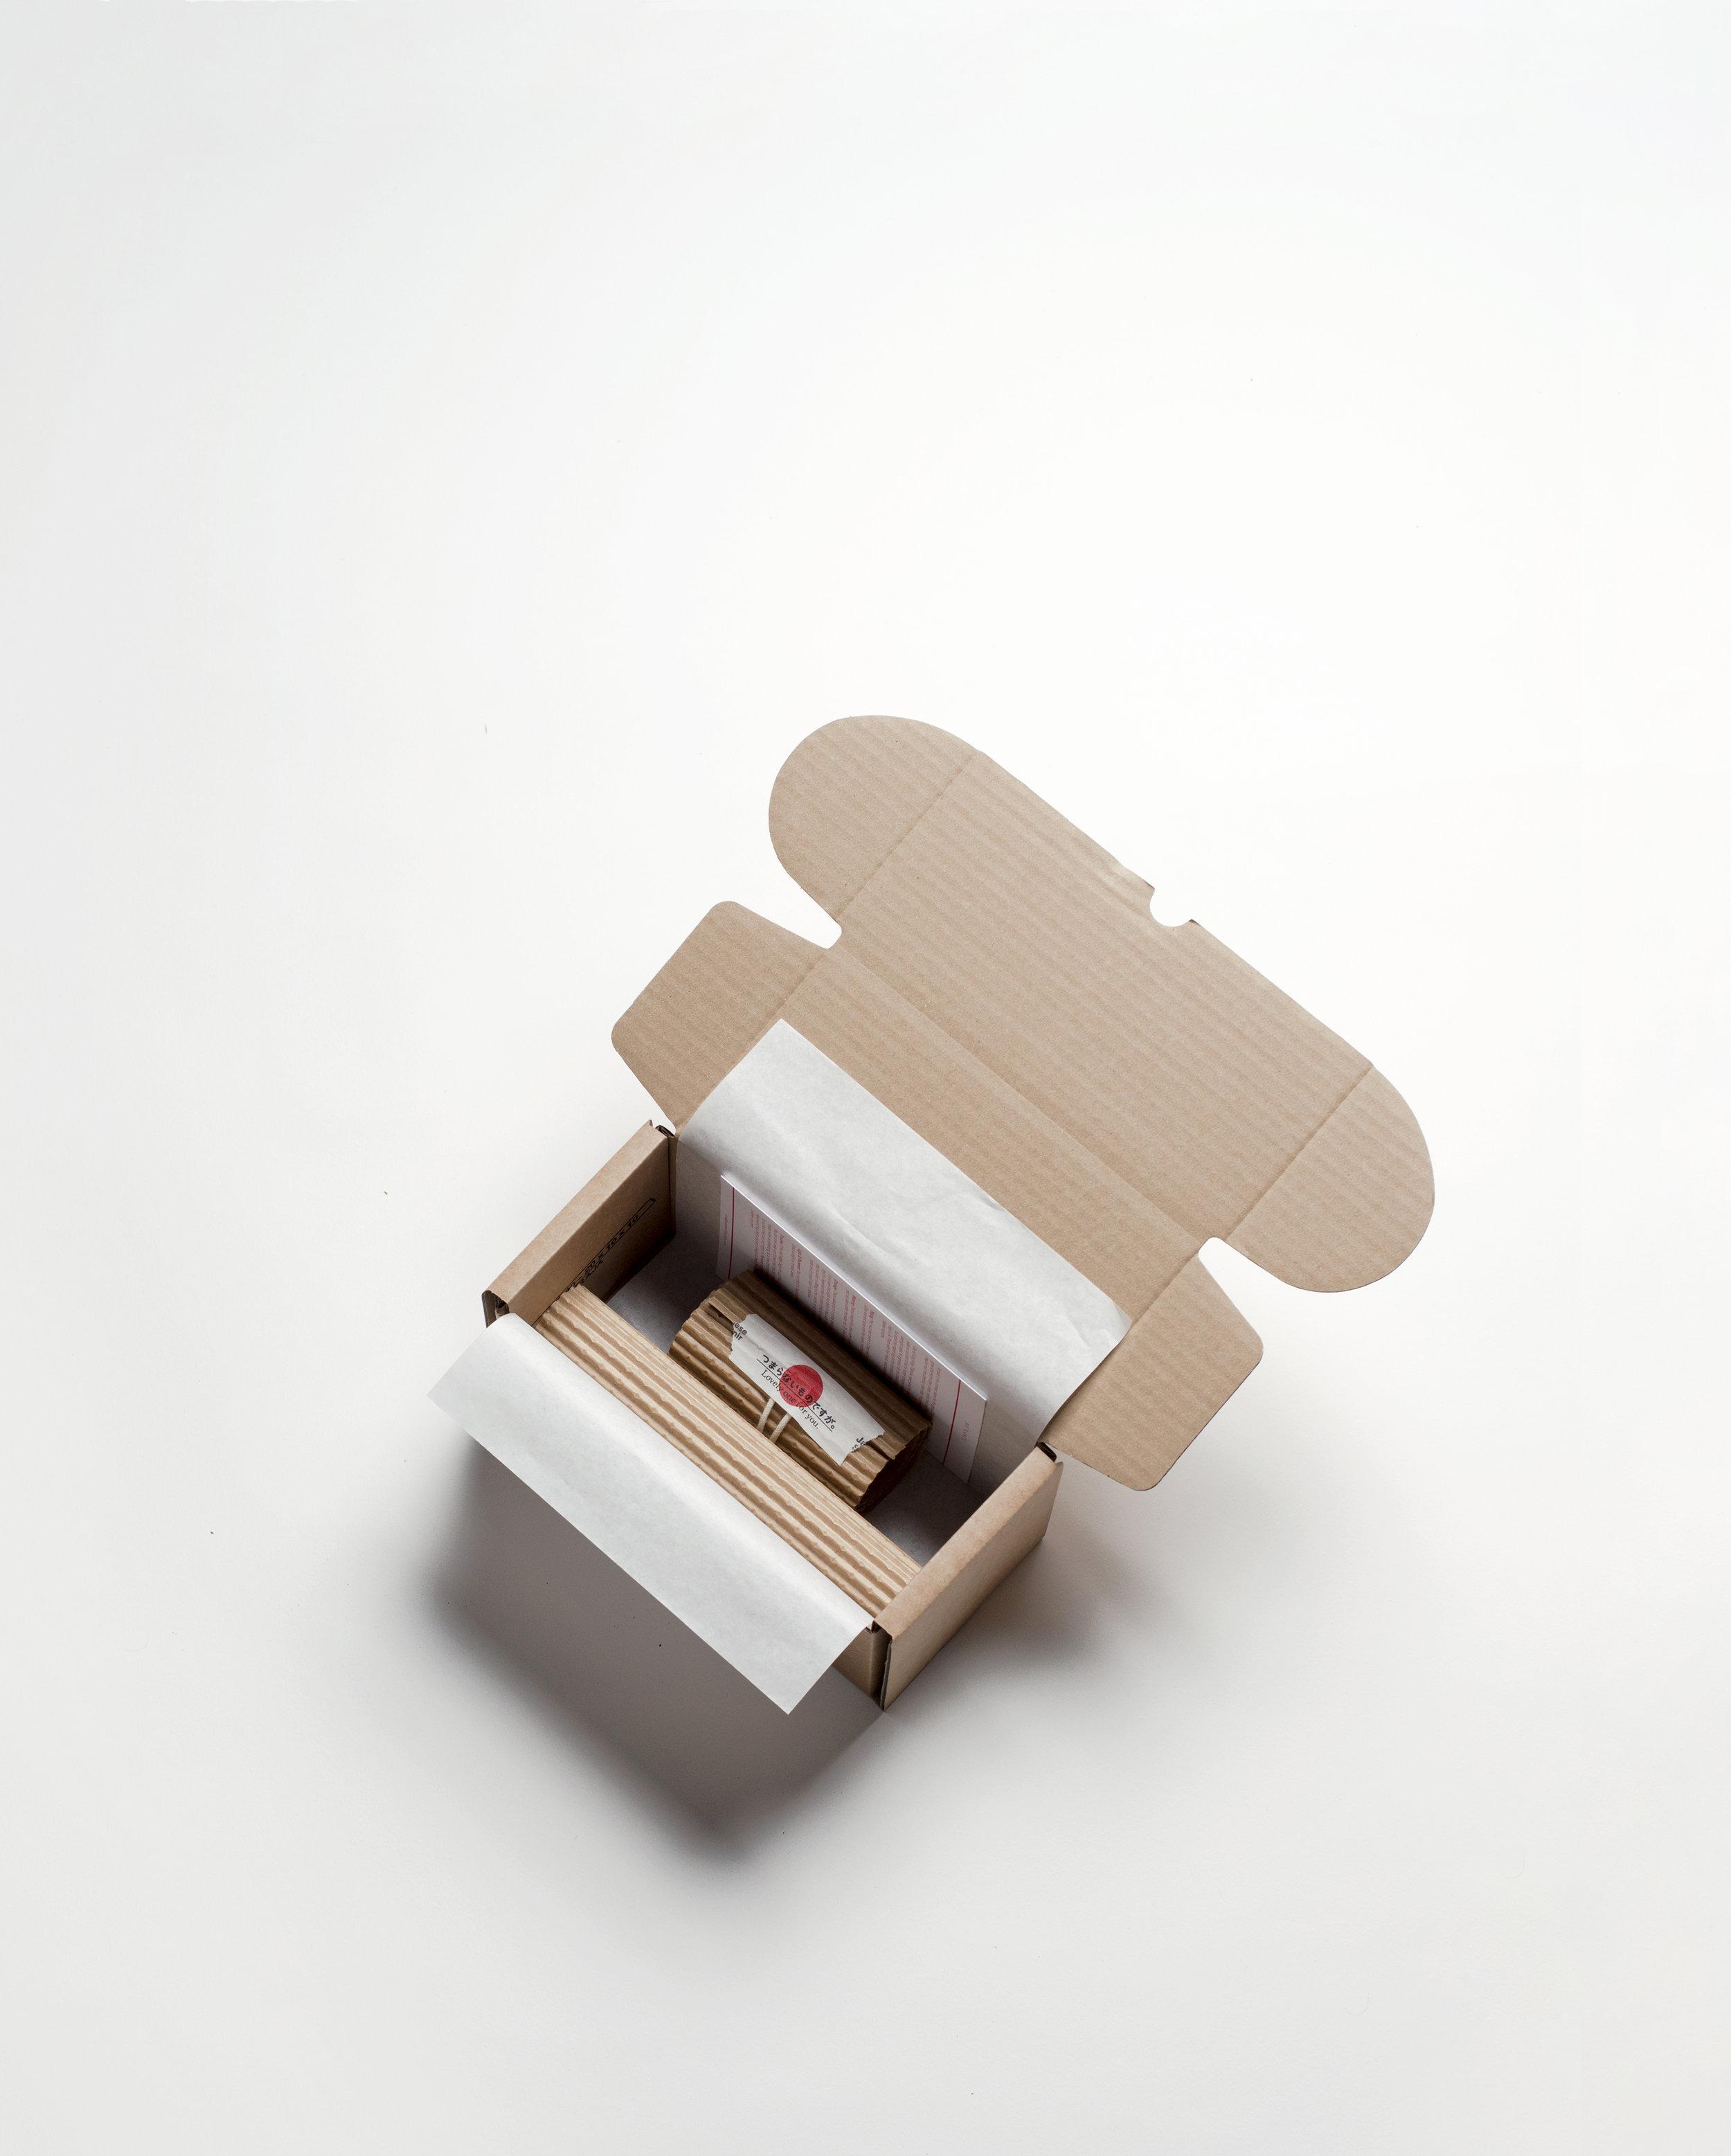 Online packaging